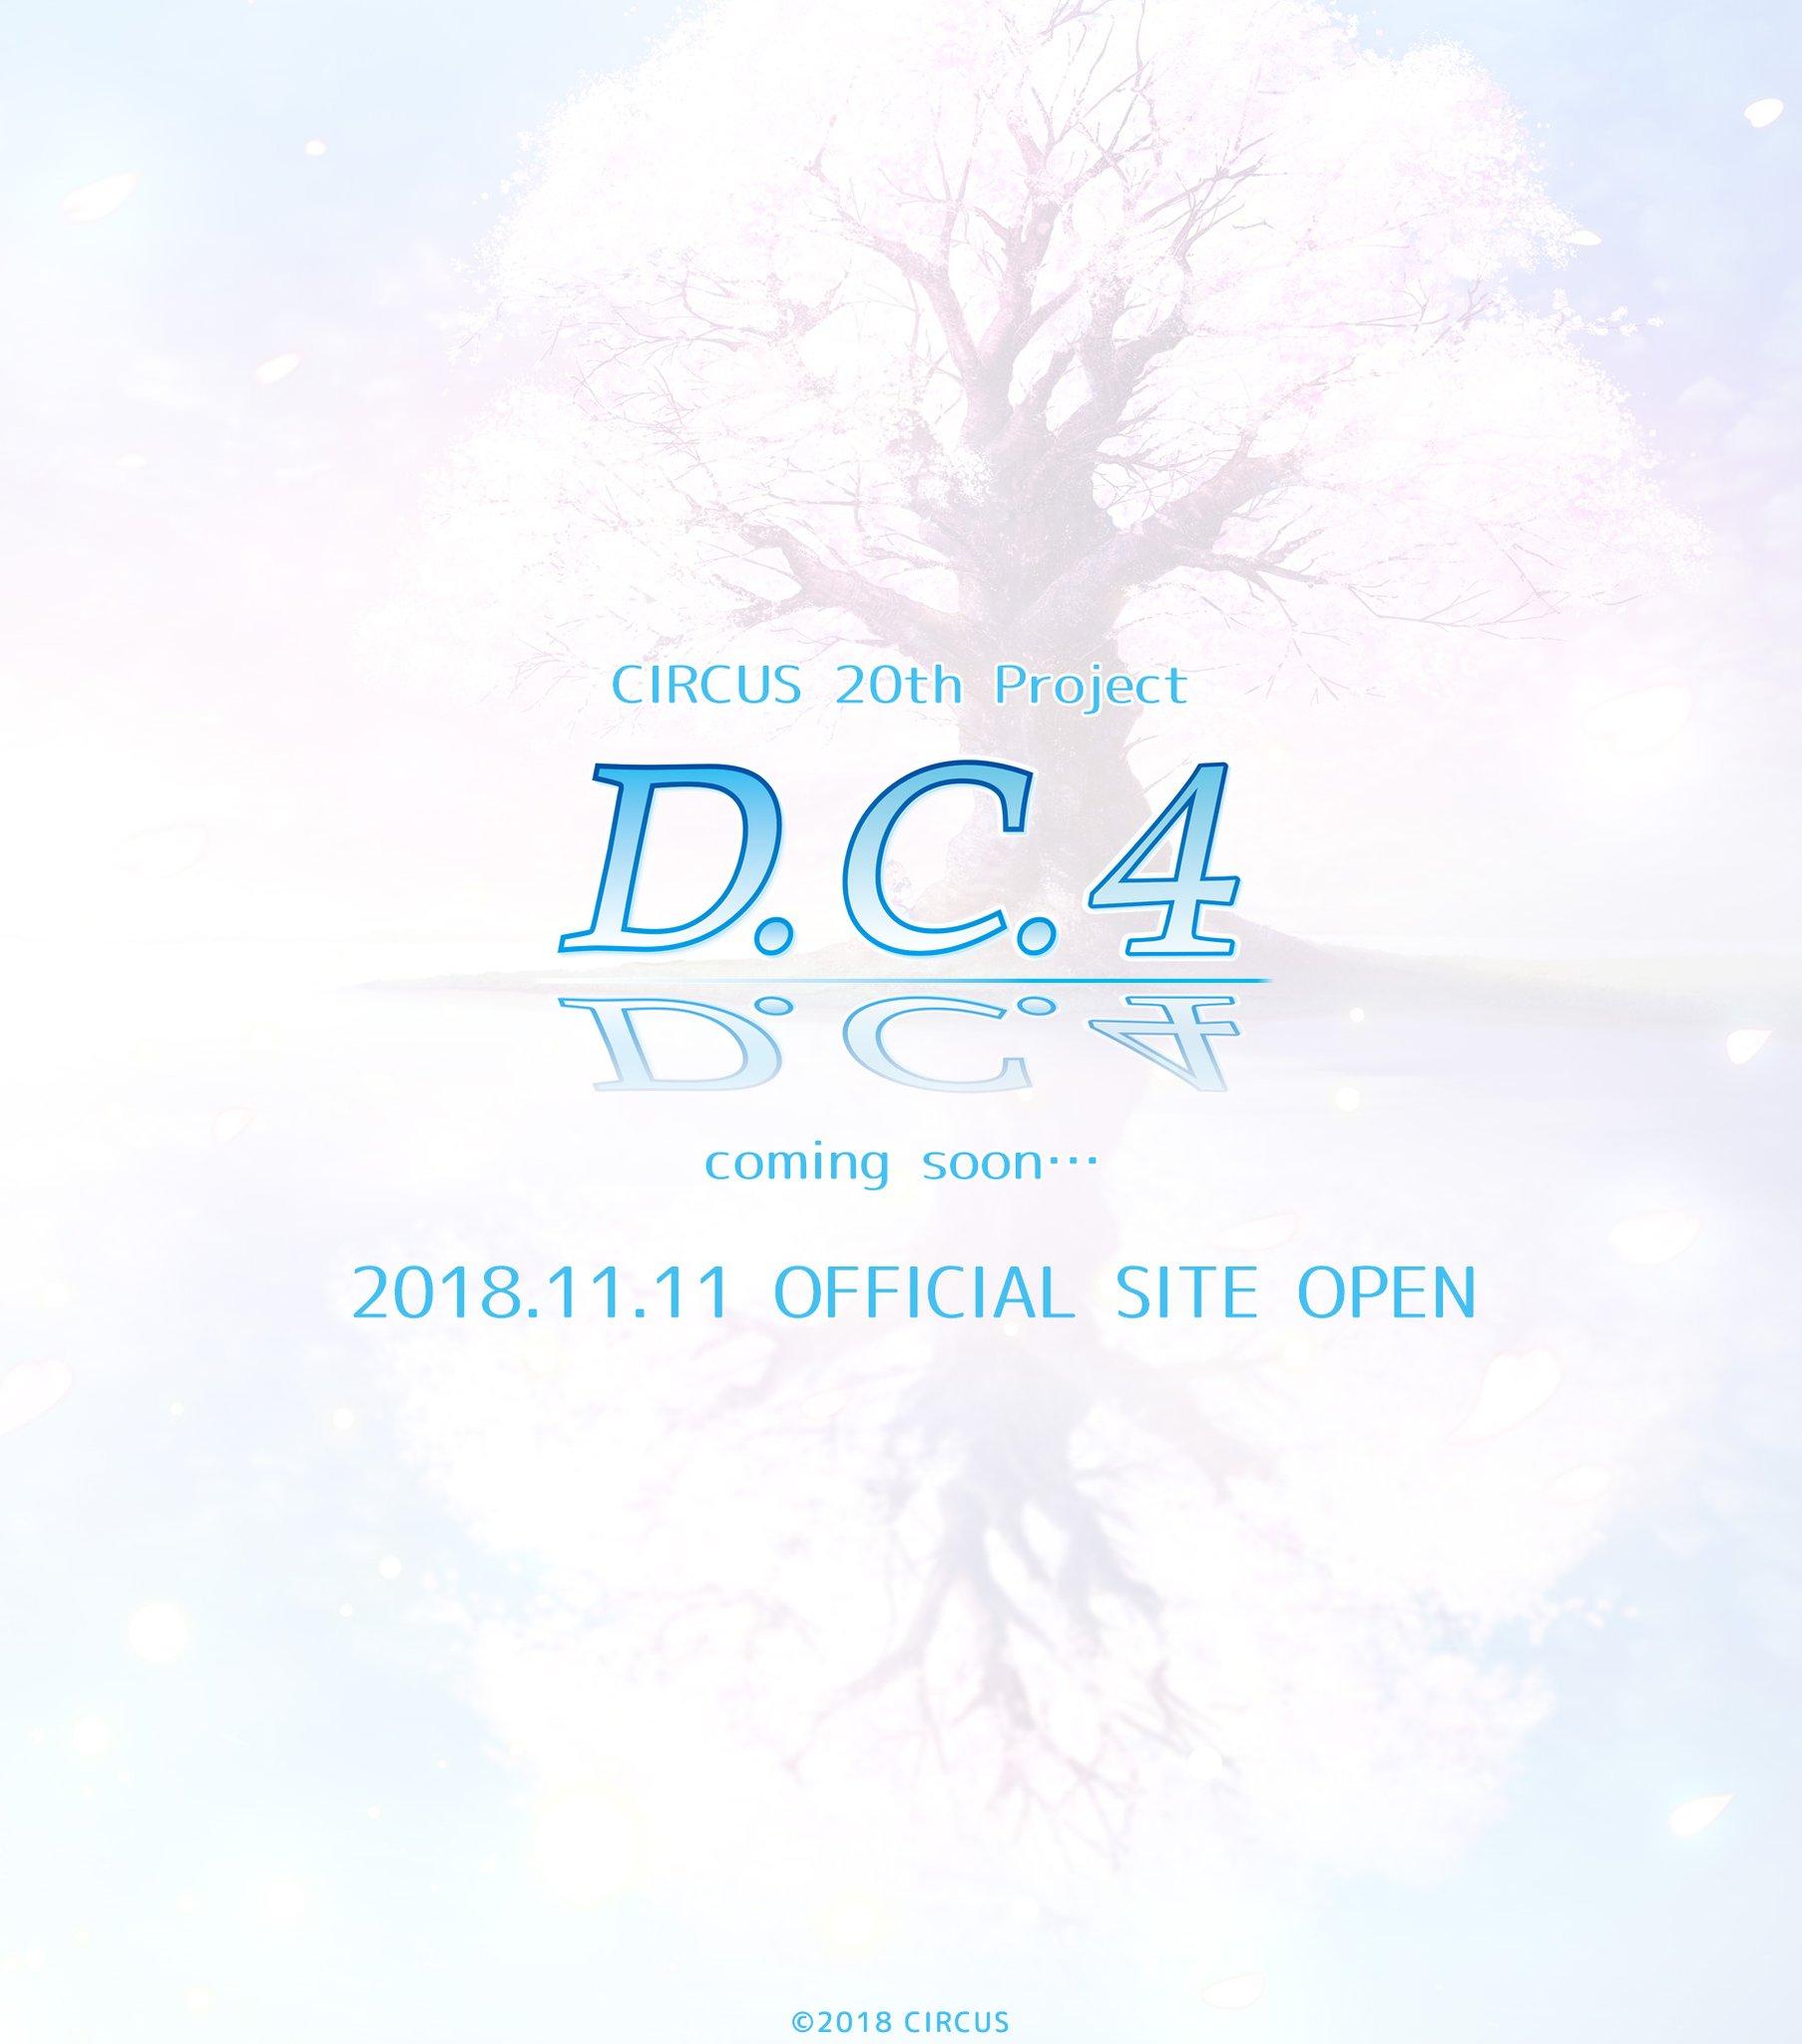 미소녀 게임 메이커 'CIRCUS'의 20주년 기념 기획, ..